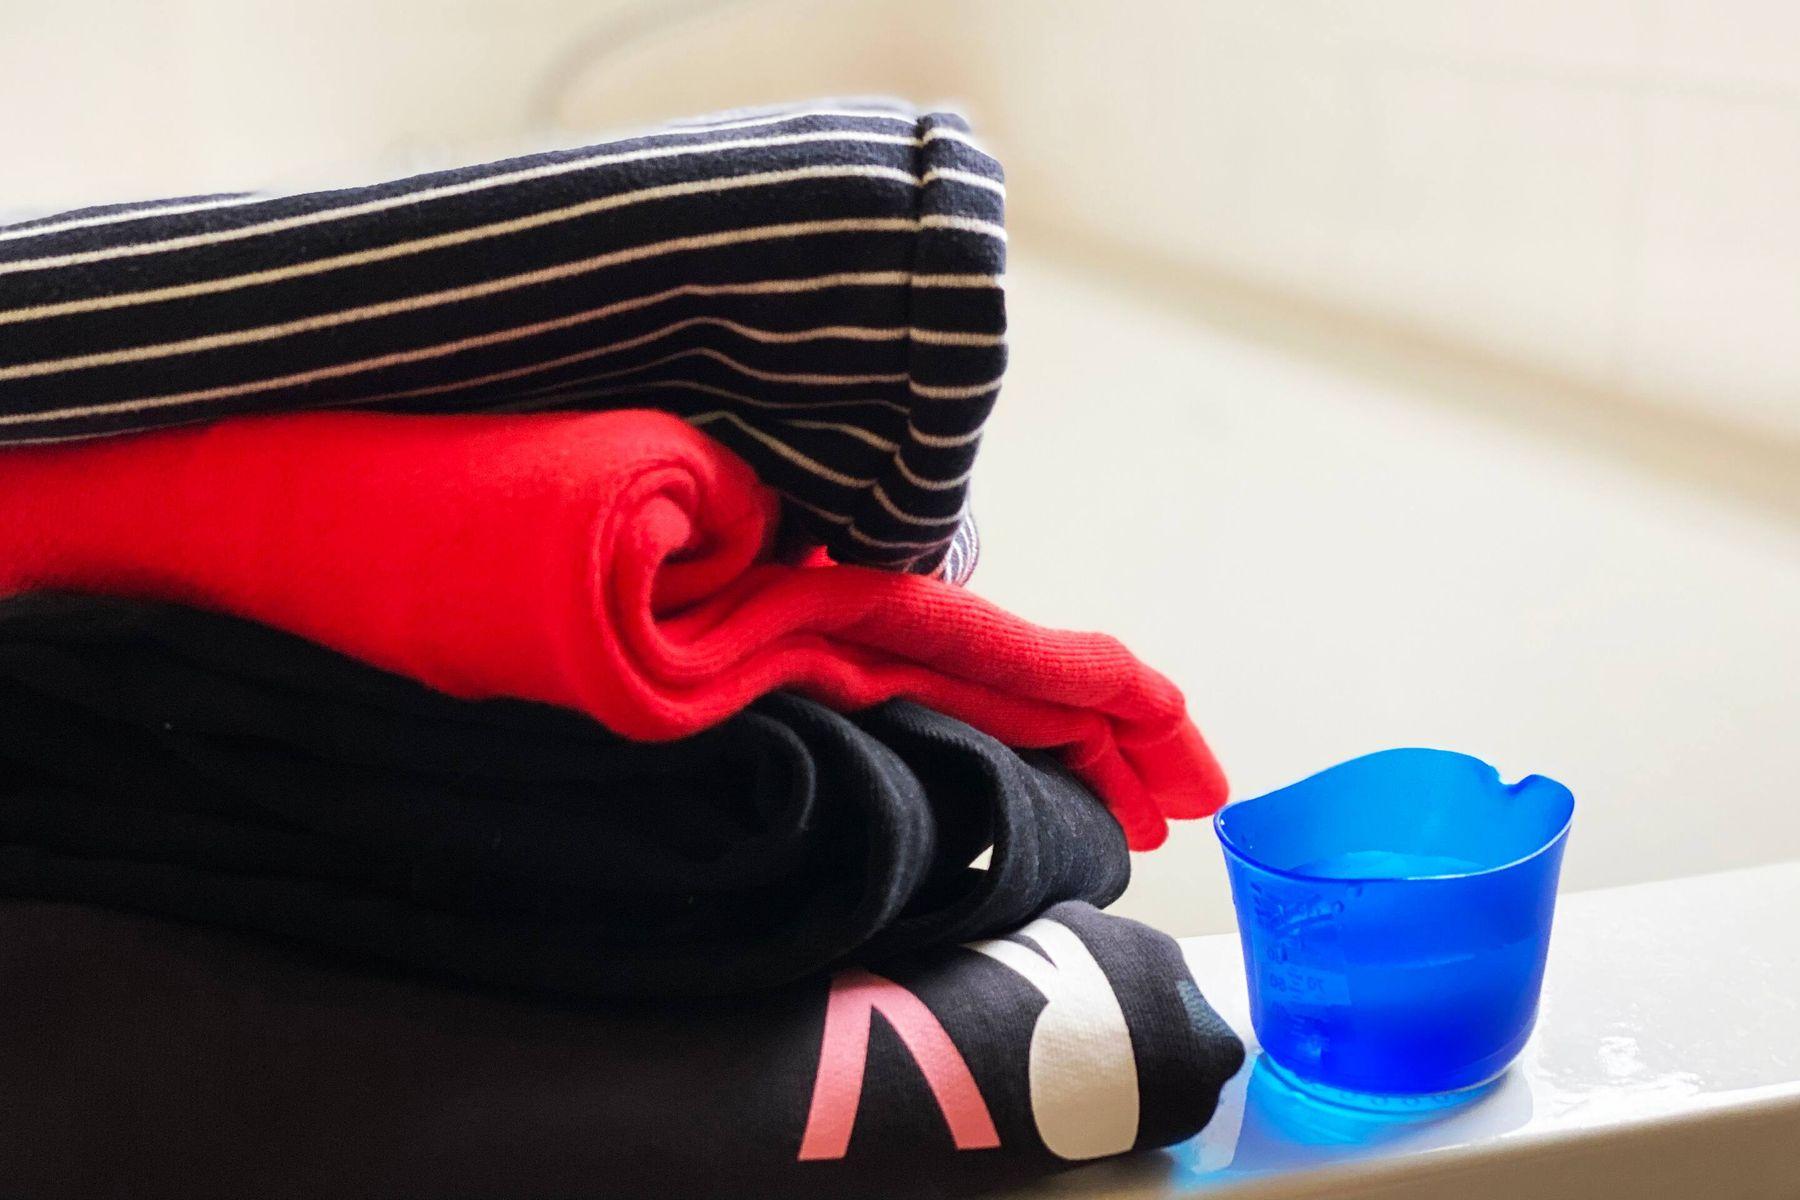 Cómo lavar ropa negra correctamente